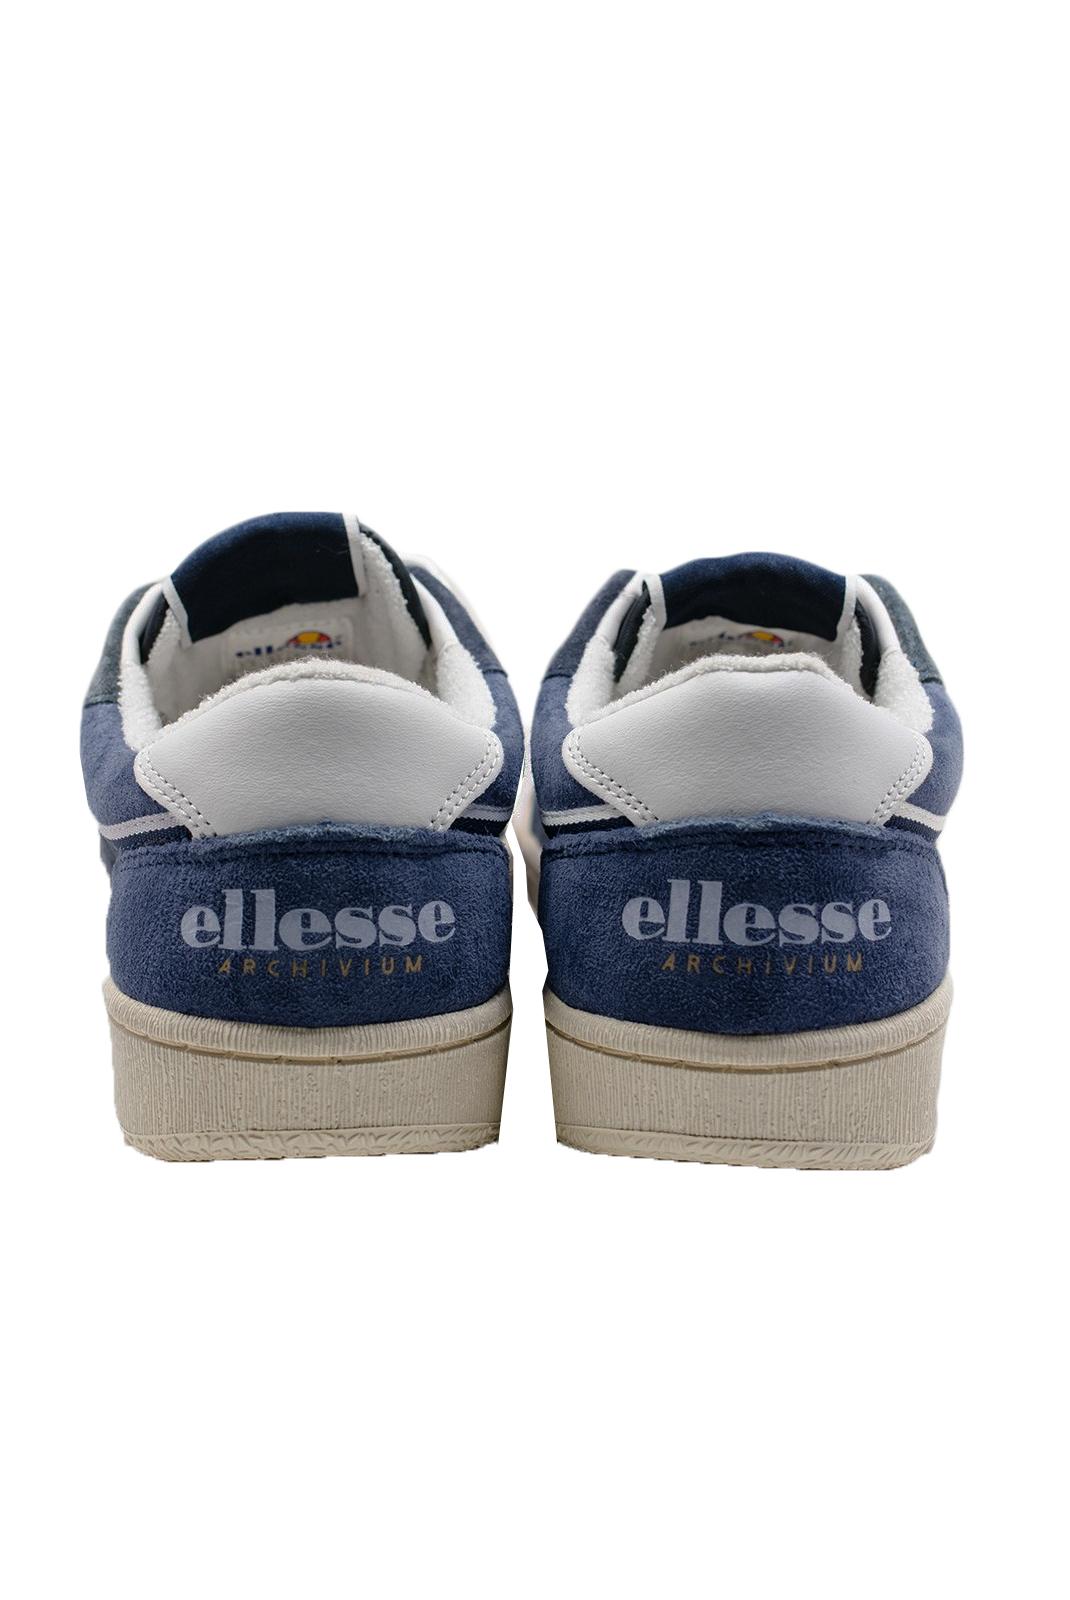 Baskets / Sport  Ellesse EL82441 H 04 DEEP SKY